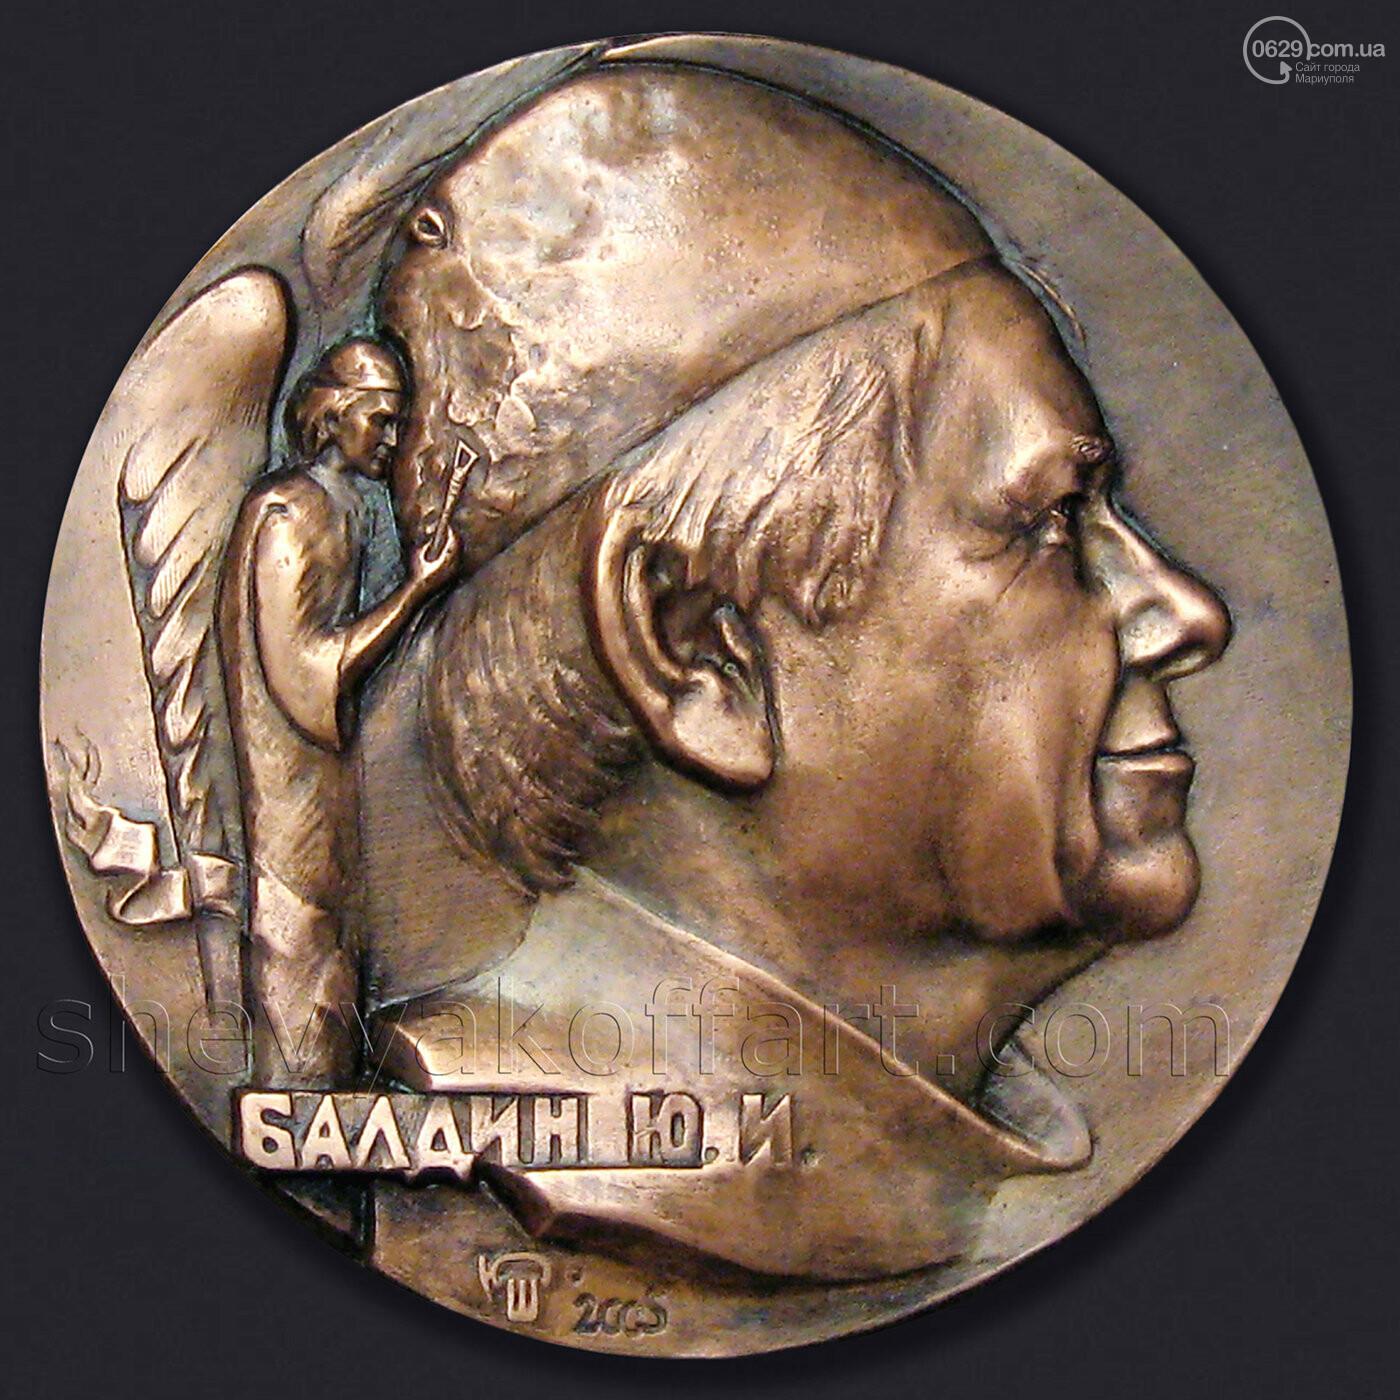 Философия в металле. Известный медальер подарил Мариуполю уникальные плакеты, - ФОТО, фото-5